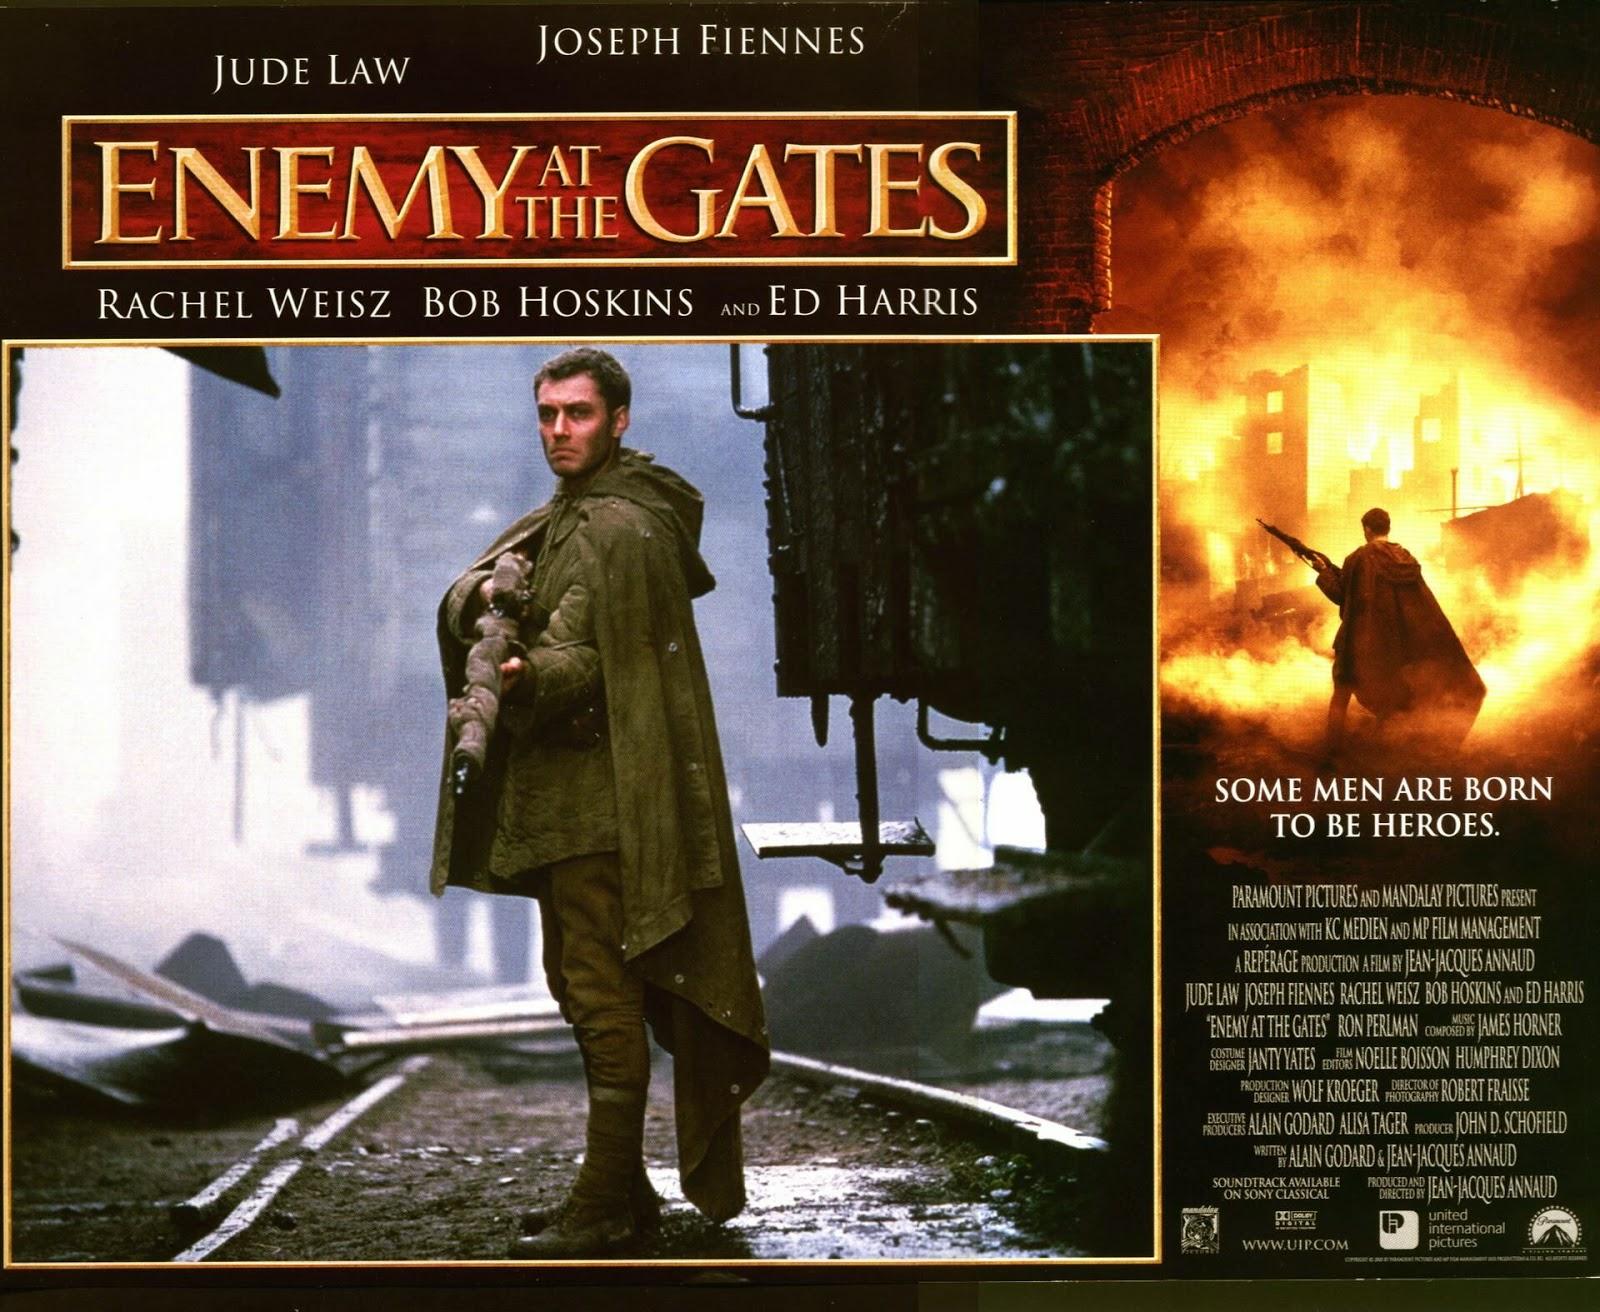 Odisea enemigo a las puertas for Enemigo a las puertas